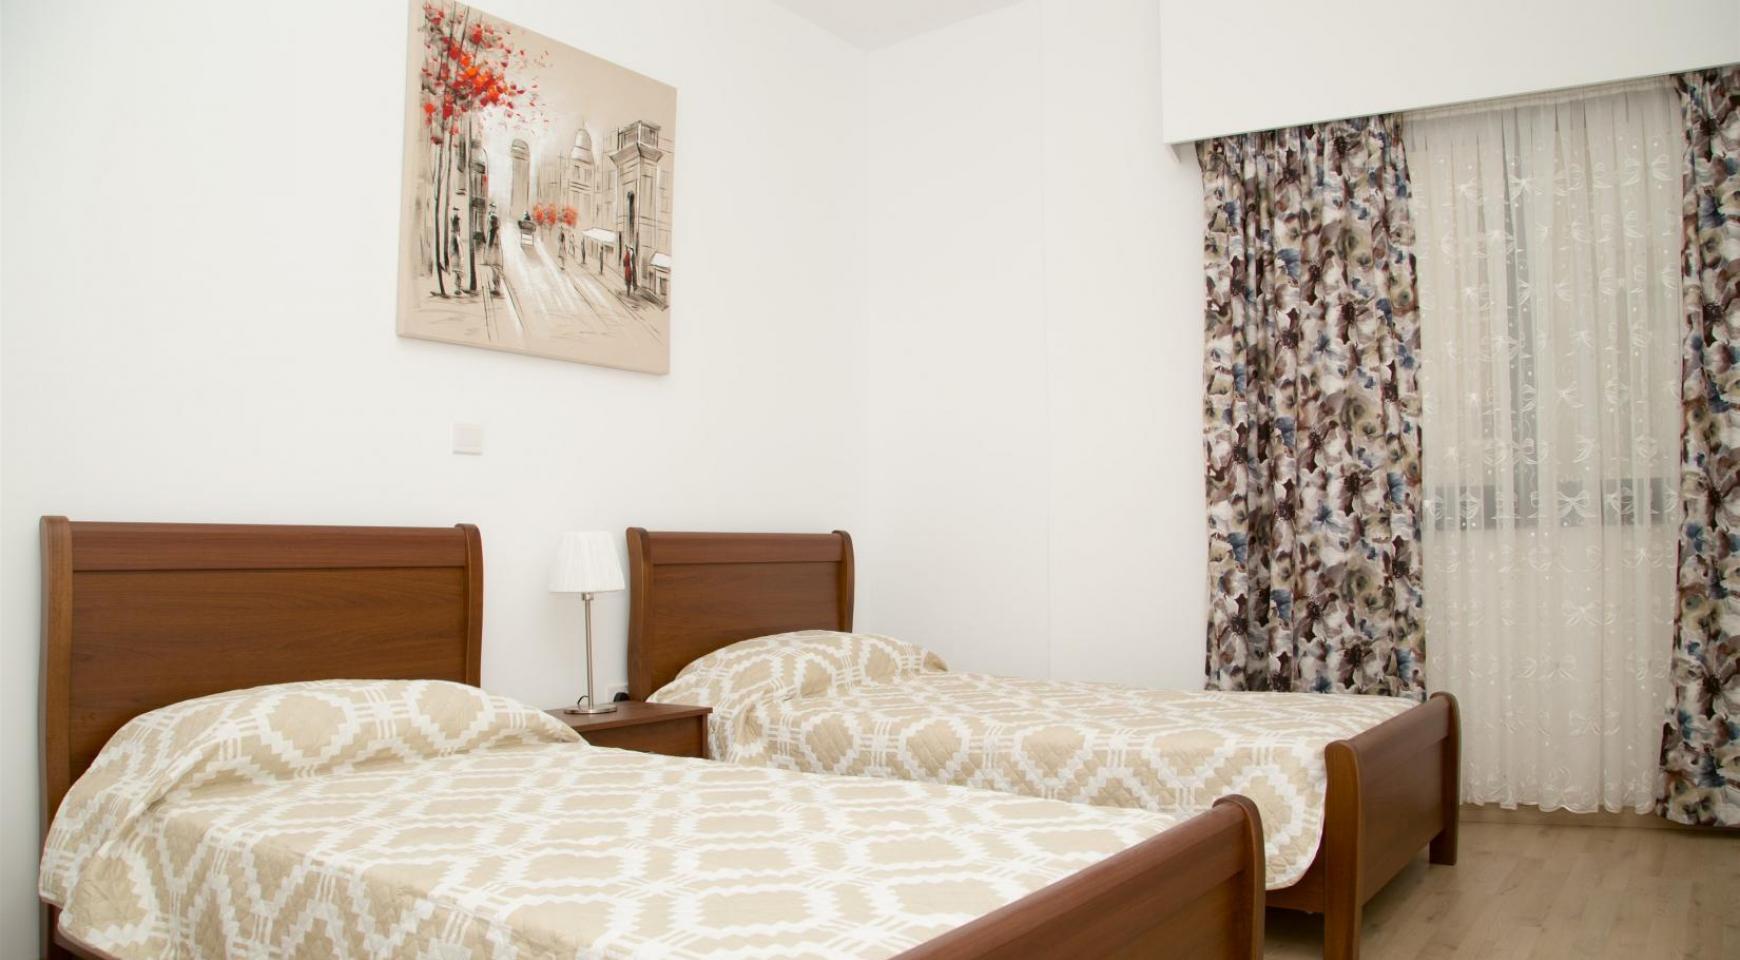 Полностью Отремонтированная 3-Спальная Квартира Класса Люкс на Первой Линии от Моря - 20